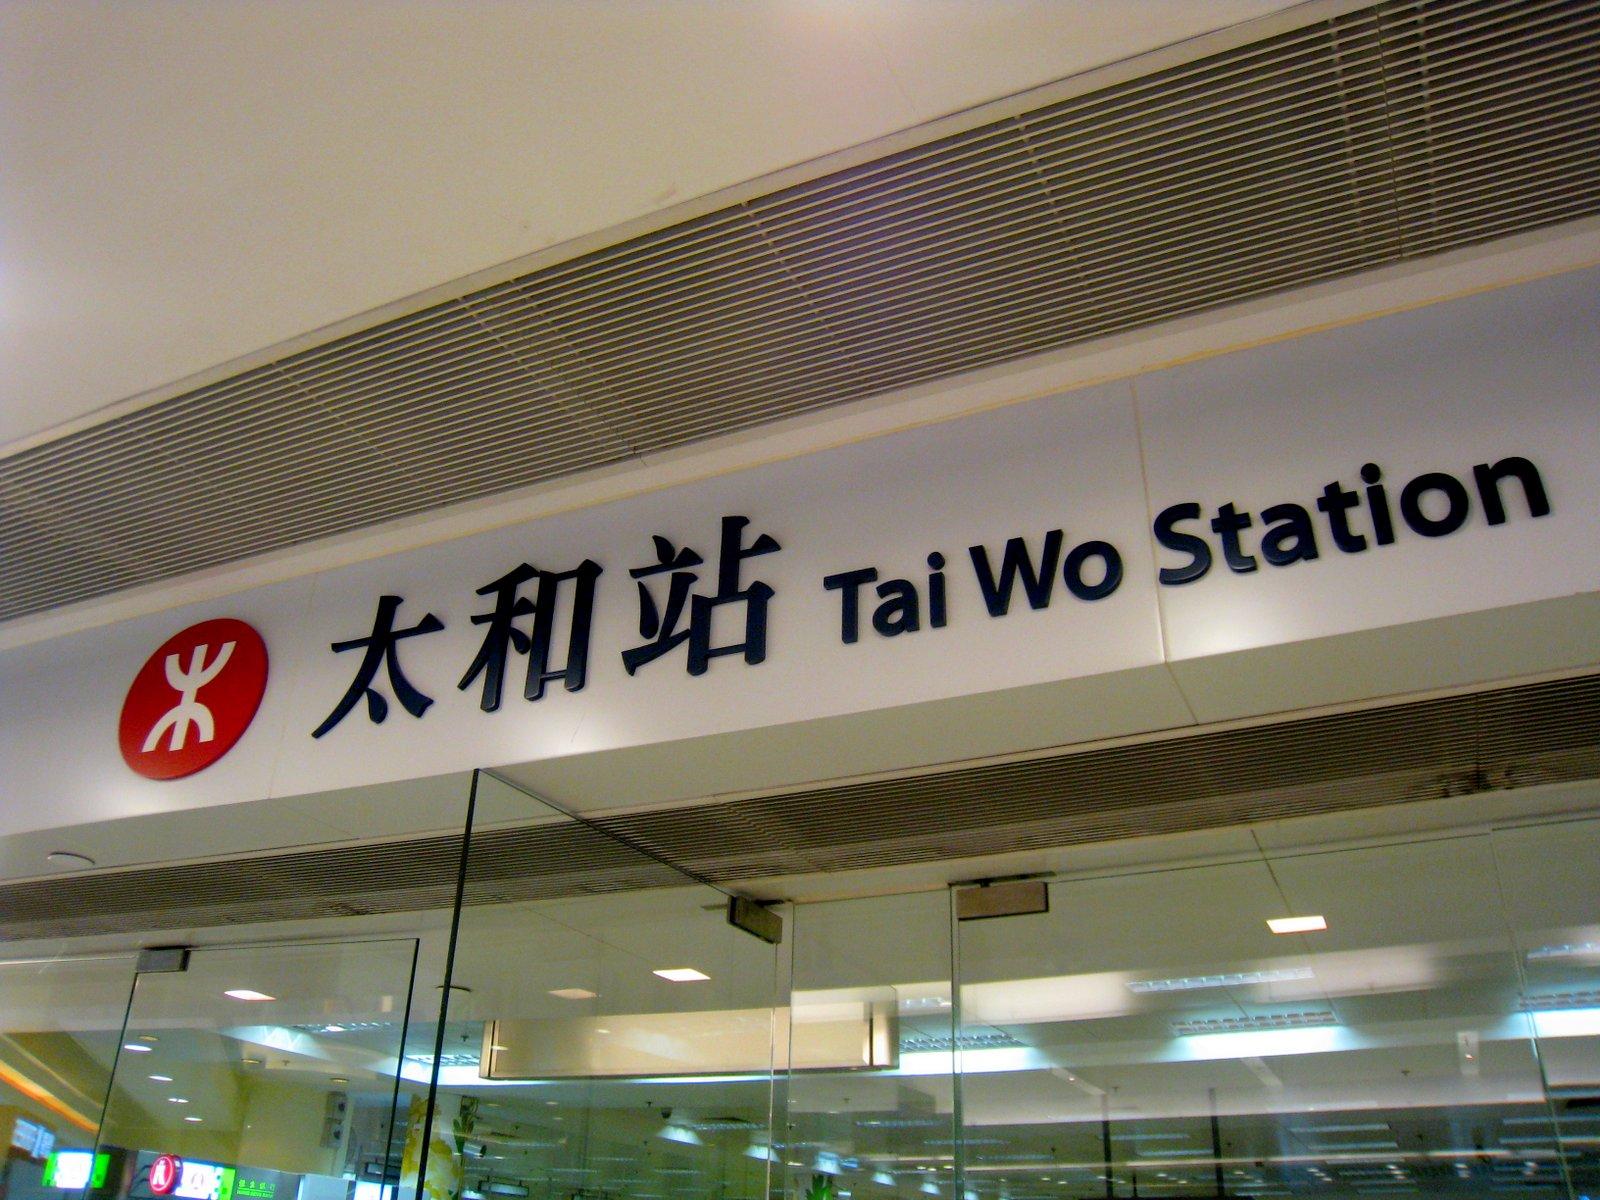 港澳吃飯團-香港-地鐵太和站 | [自由趴趴走] Freepapago